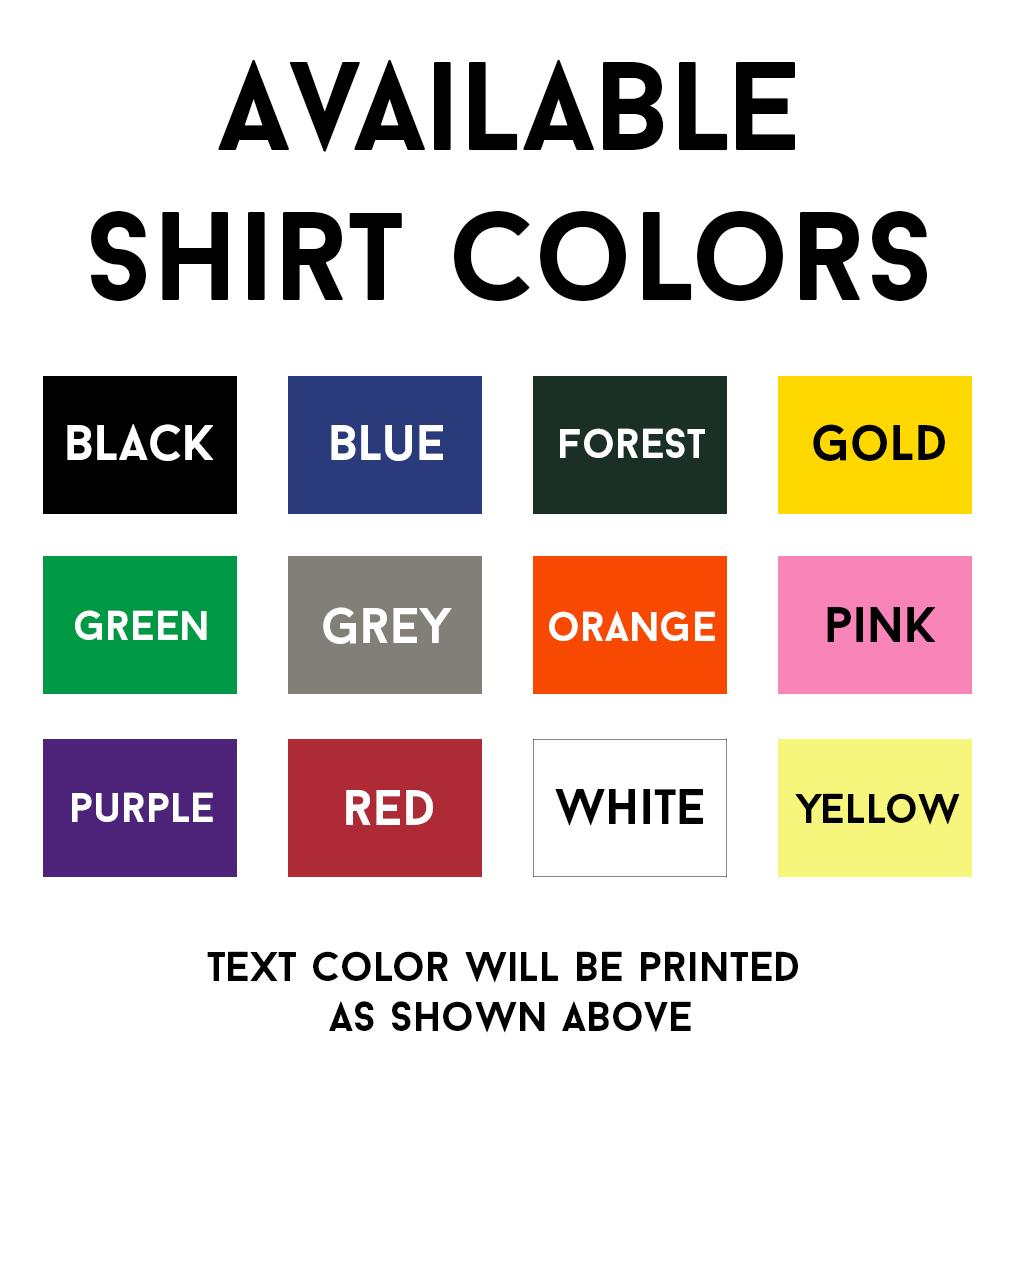 #felix - Hashtag Men's Adult Short Sleeve T-Shirt